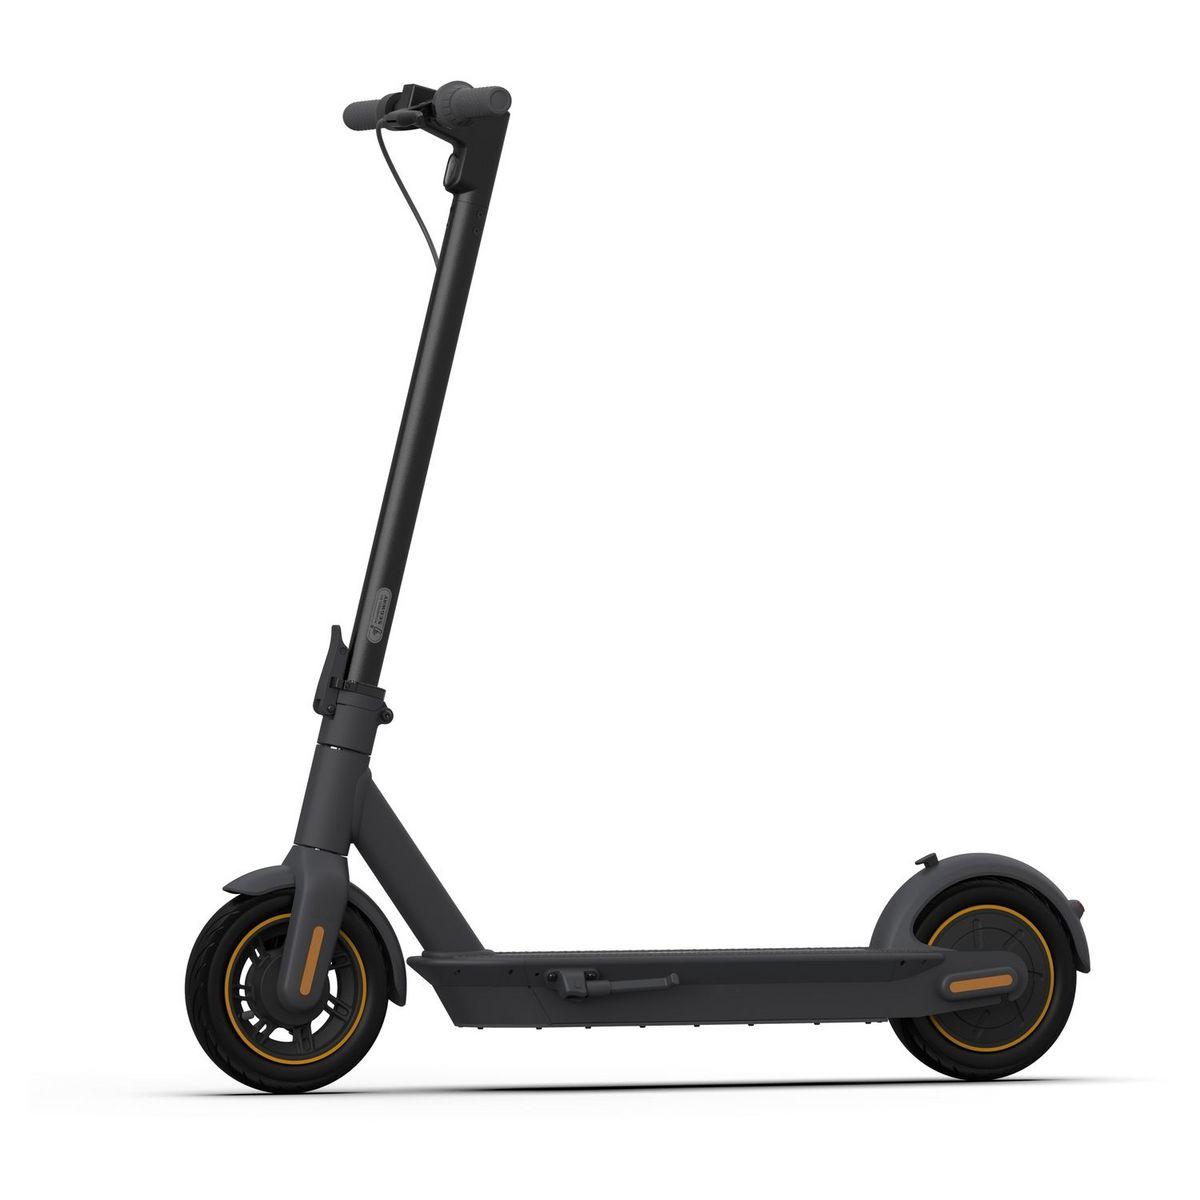 Trottinette électrique G30 - Noir